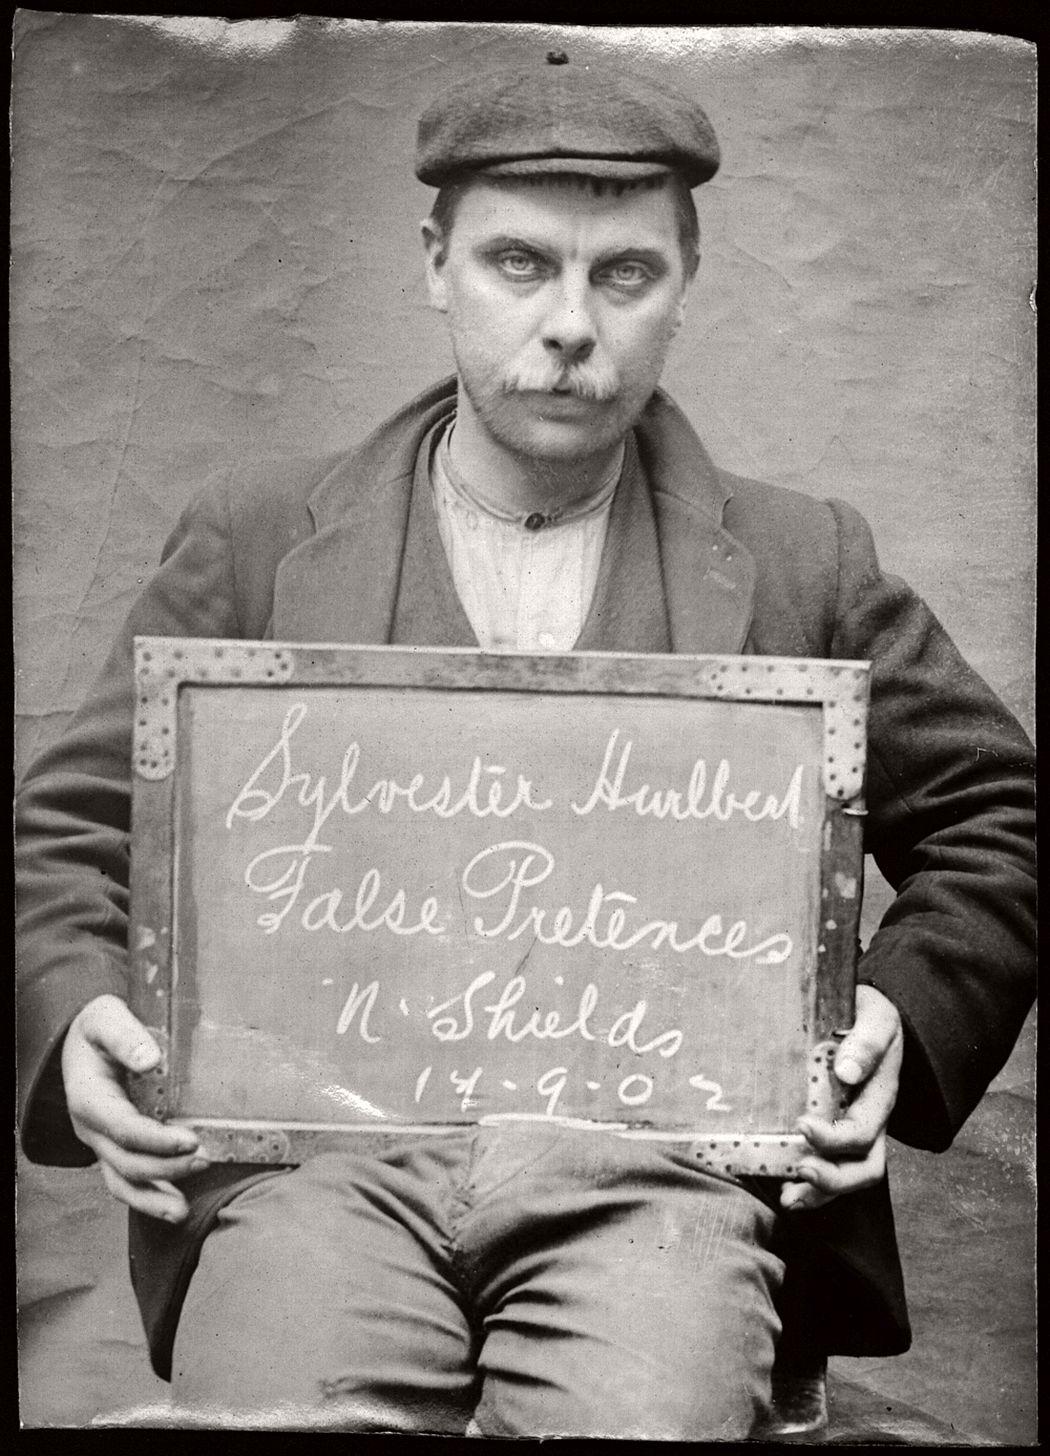 vintage-mug-shot-of-criminals-from-north-shields-1902-1905-08